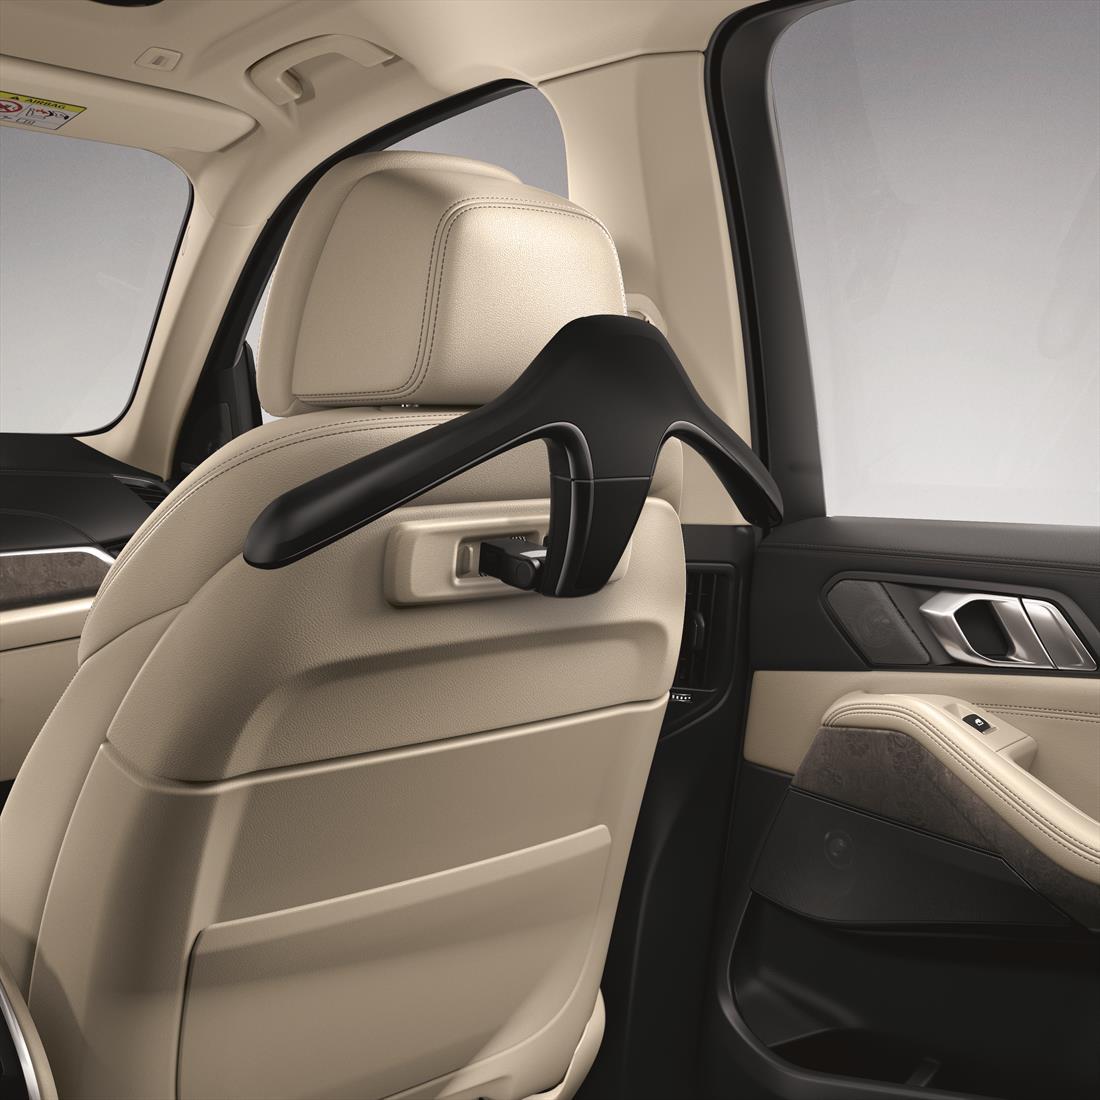 BMW Comfort Coat Hanger